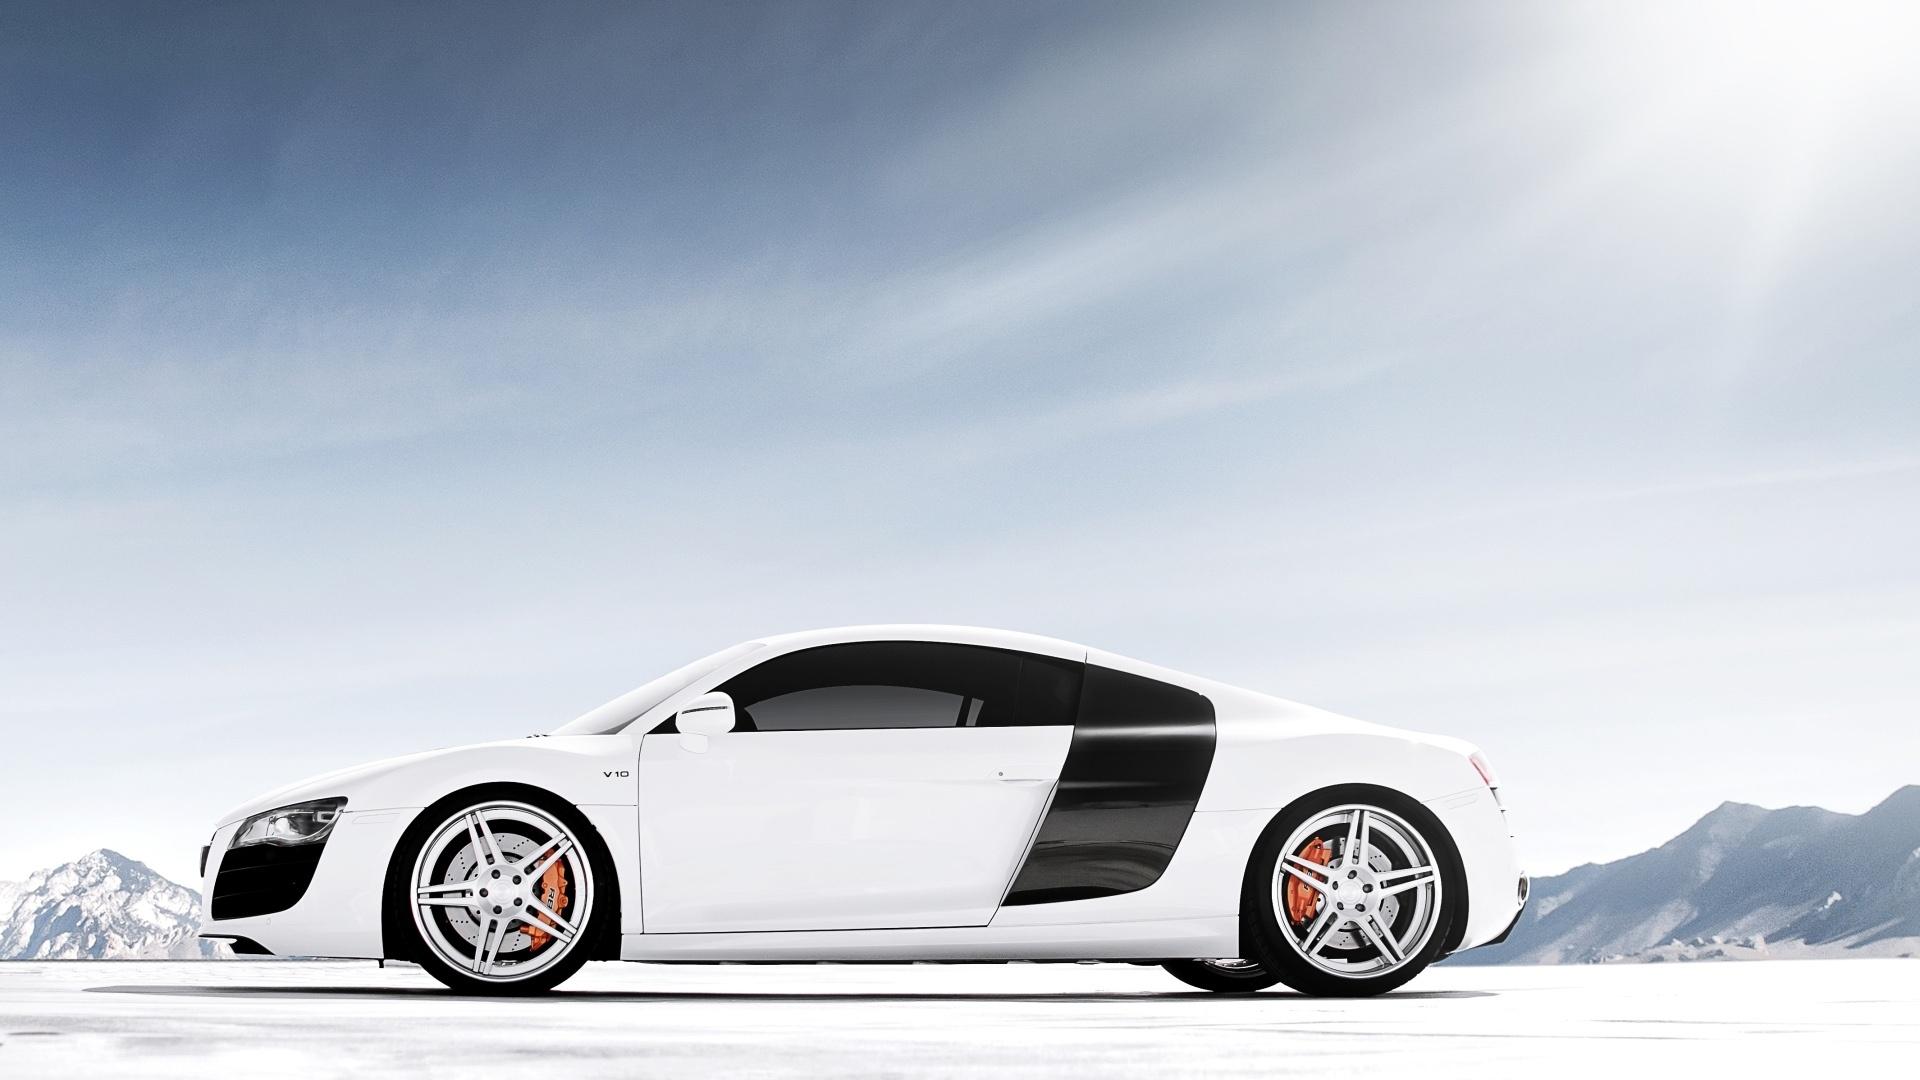 Audi R8 Wallpaper #14